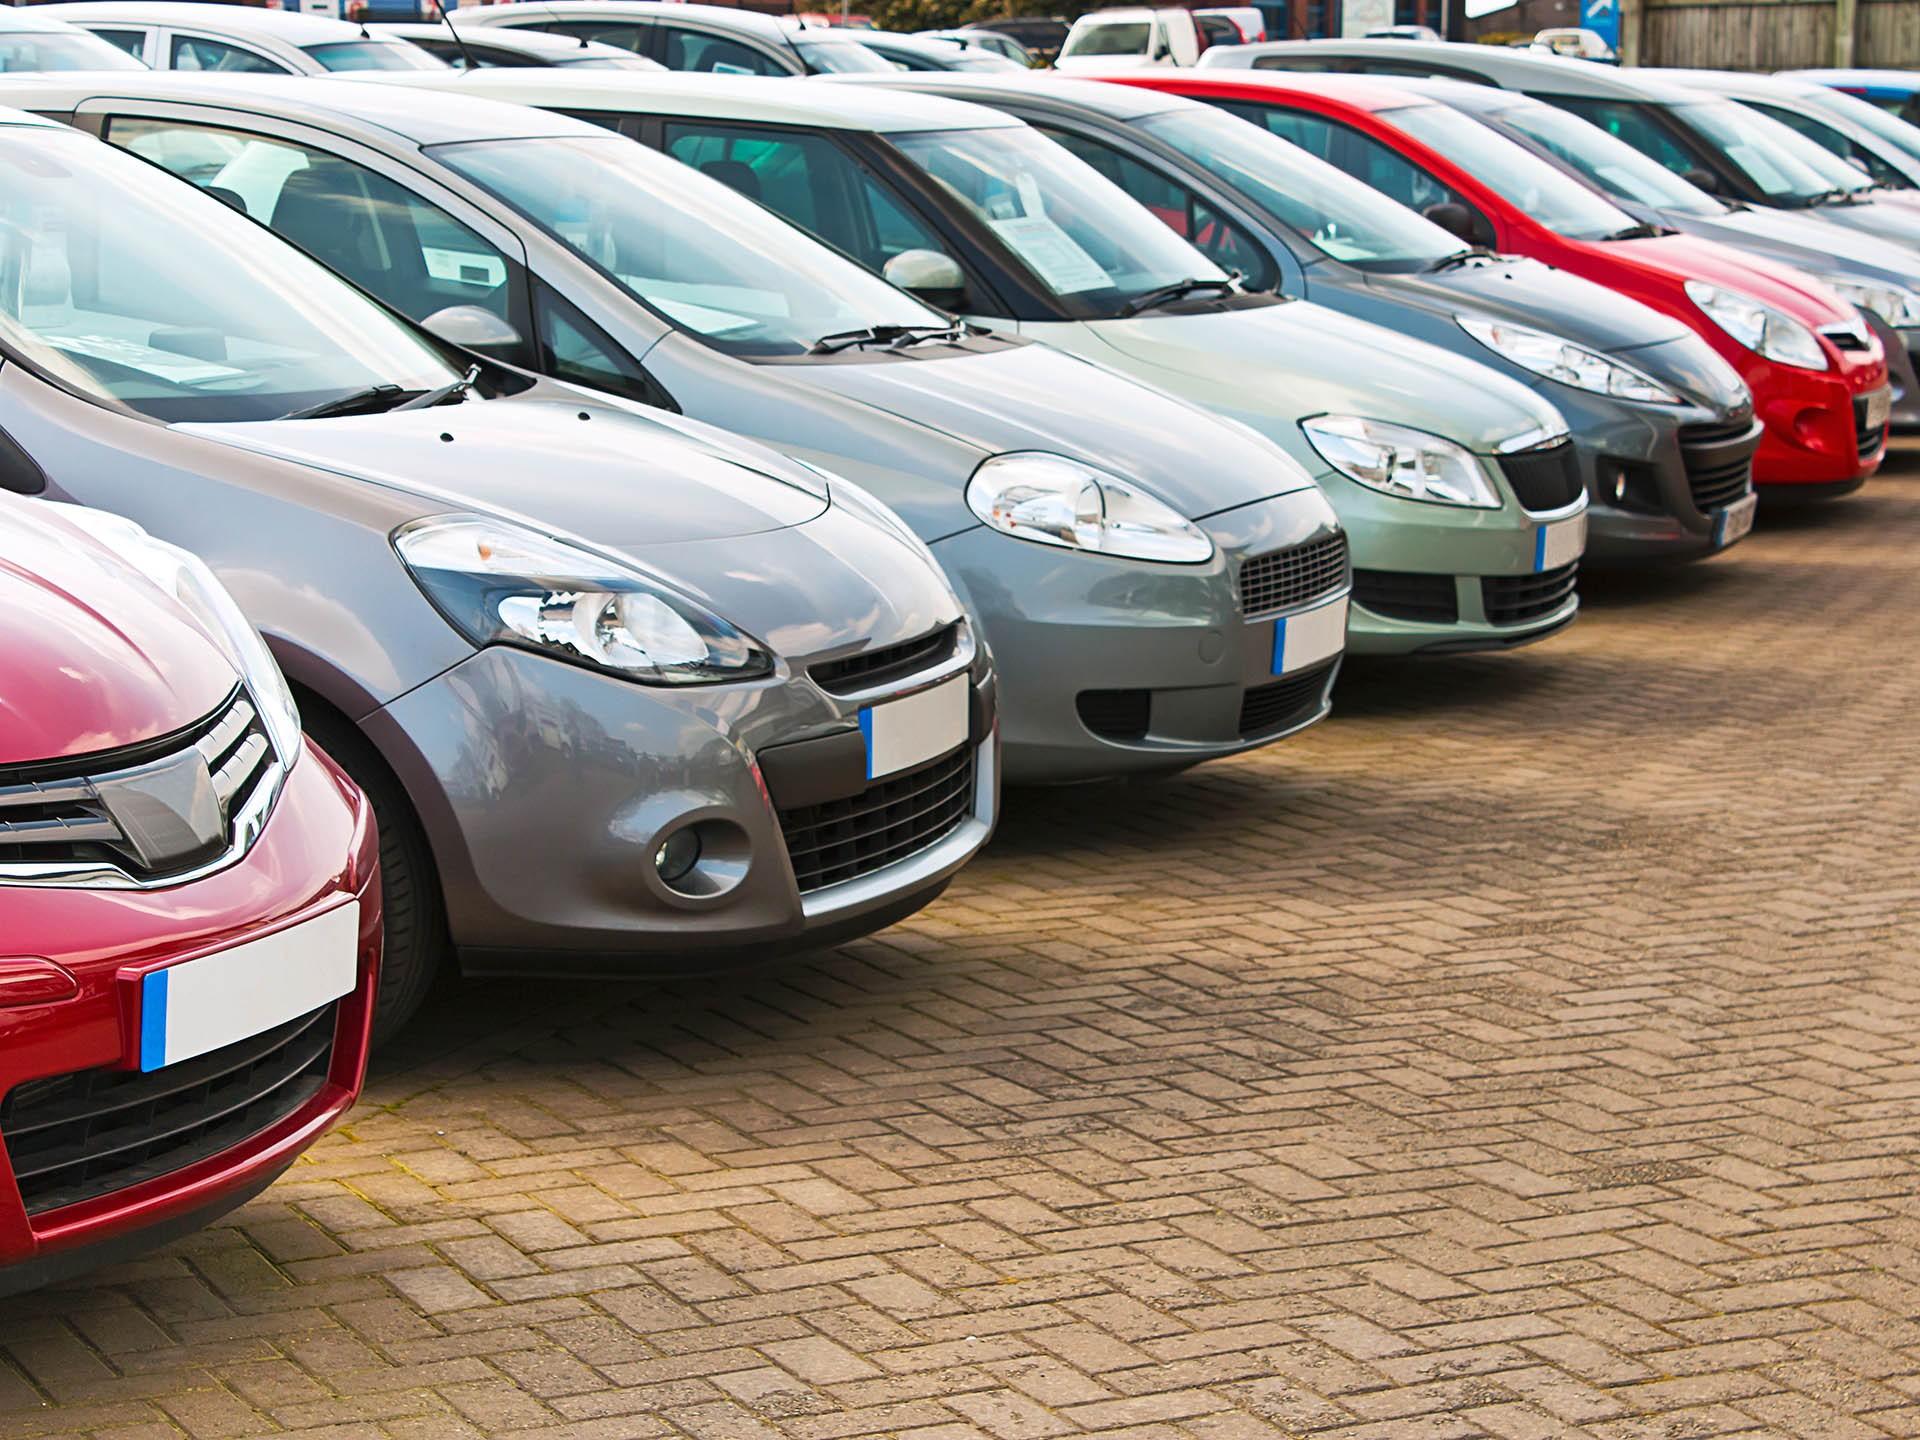 Авито Авто: эксперты назвали самые популярные на вторичном авторынке иномарки и отечественные автомобили в начале 2021 года